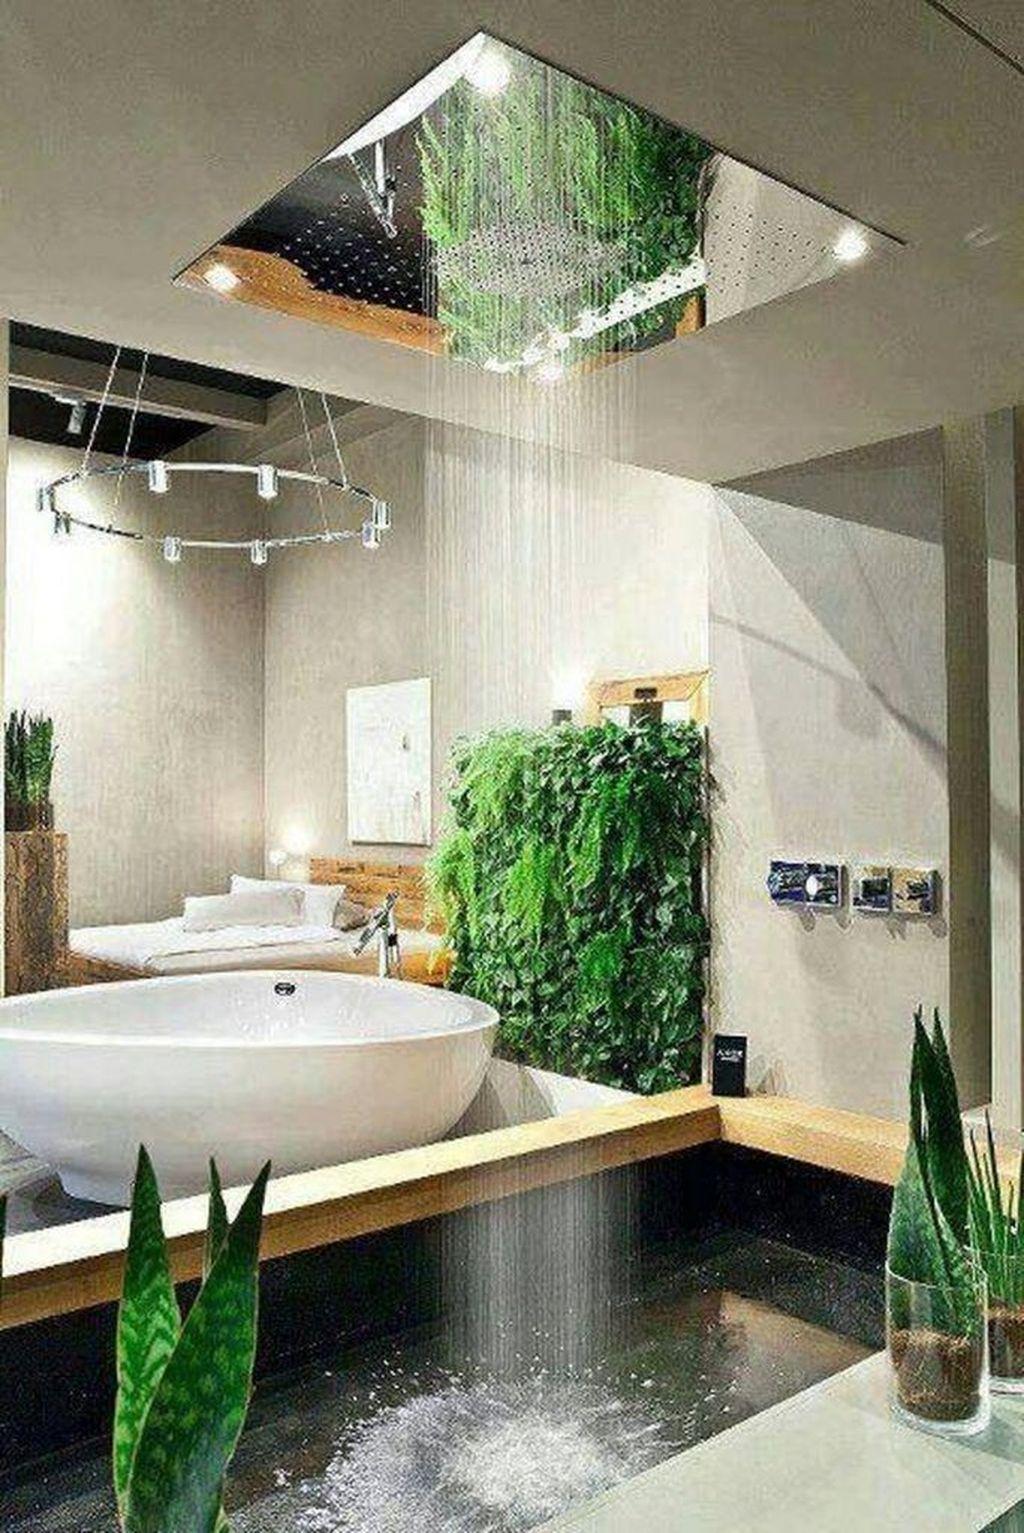 Inspiring Jungle Bathroom Decor Ideas 31